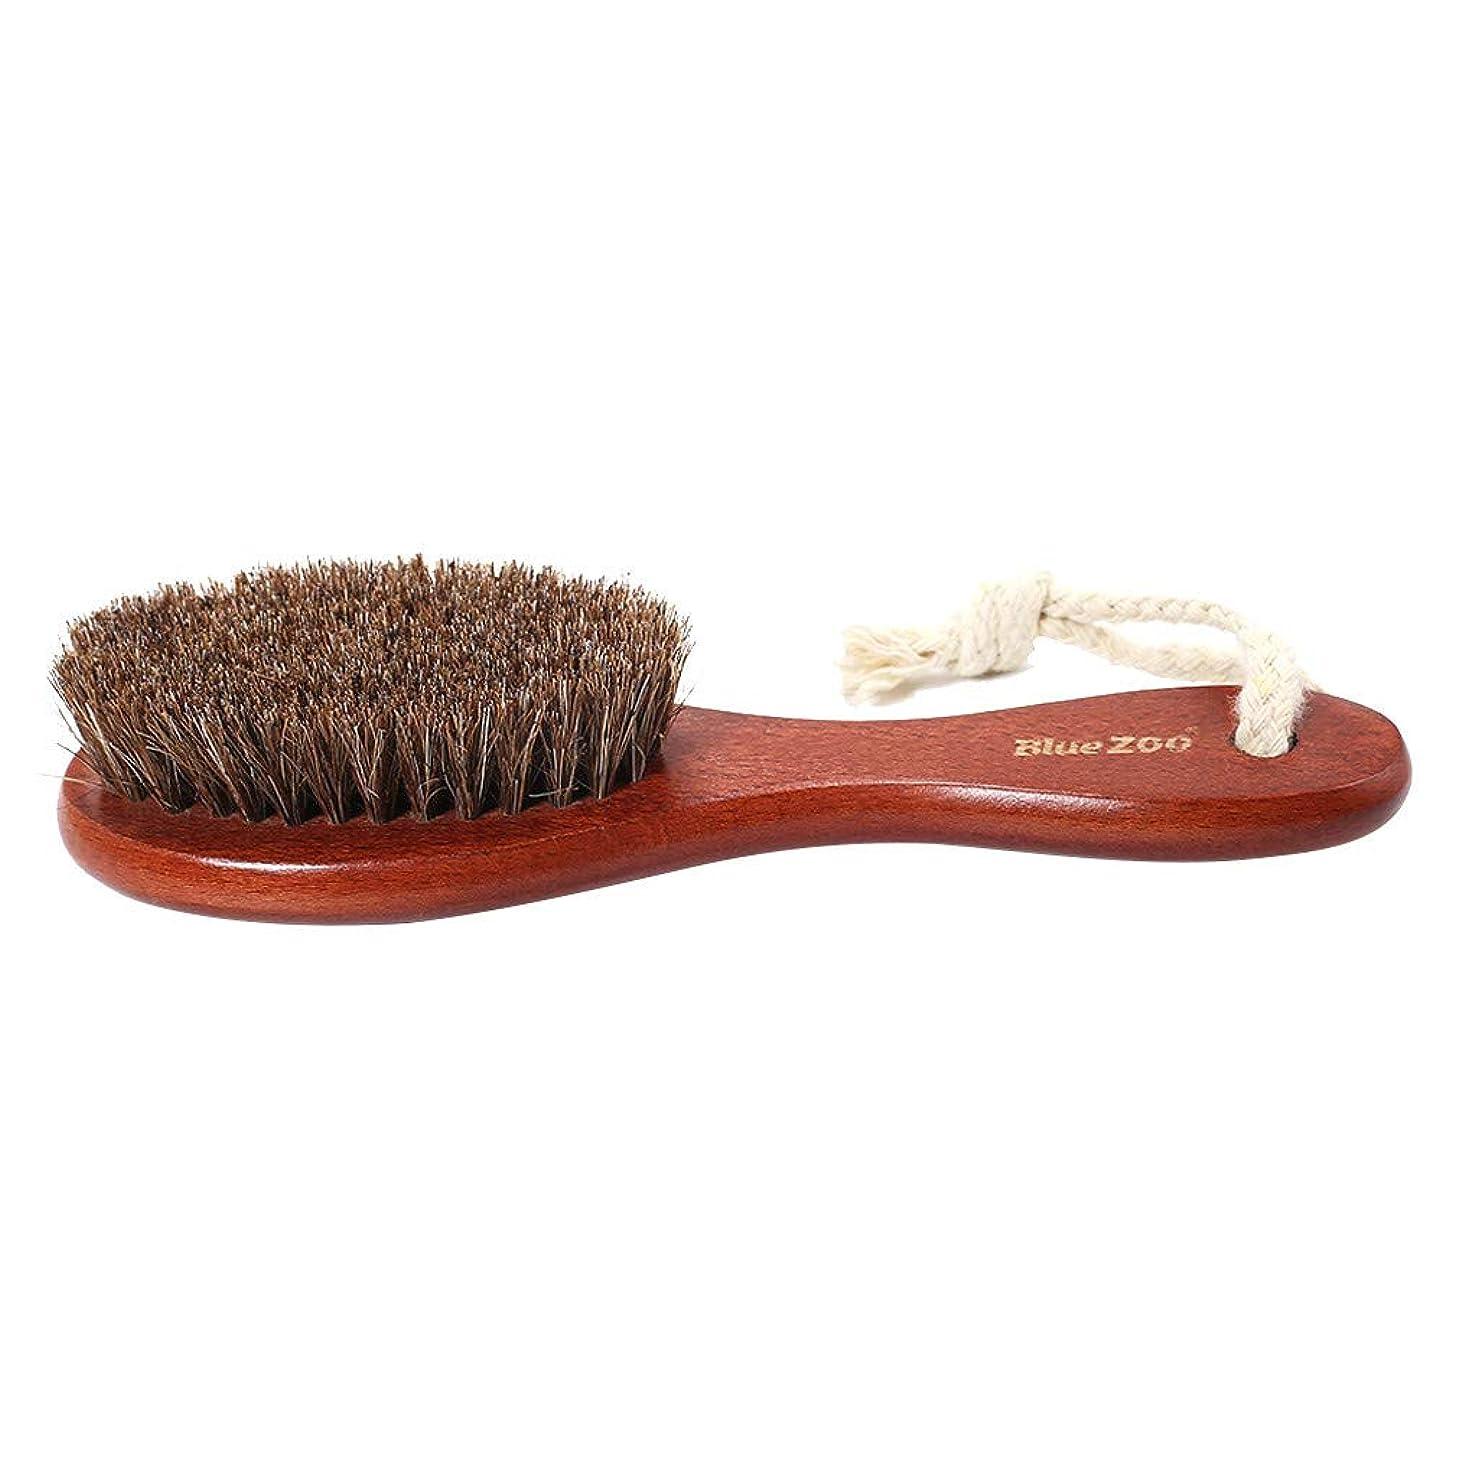 極めてシンプトン芽メイクブラシ 化粧ブラシ 男性 猪毛 剛毛 あごひげ 口ひげブラシ 男性 ボディブラシ シューズブラシ 肌 ケア シャオメイスター